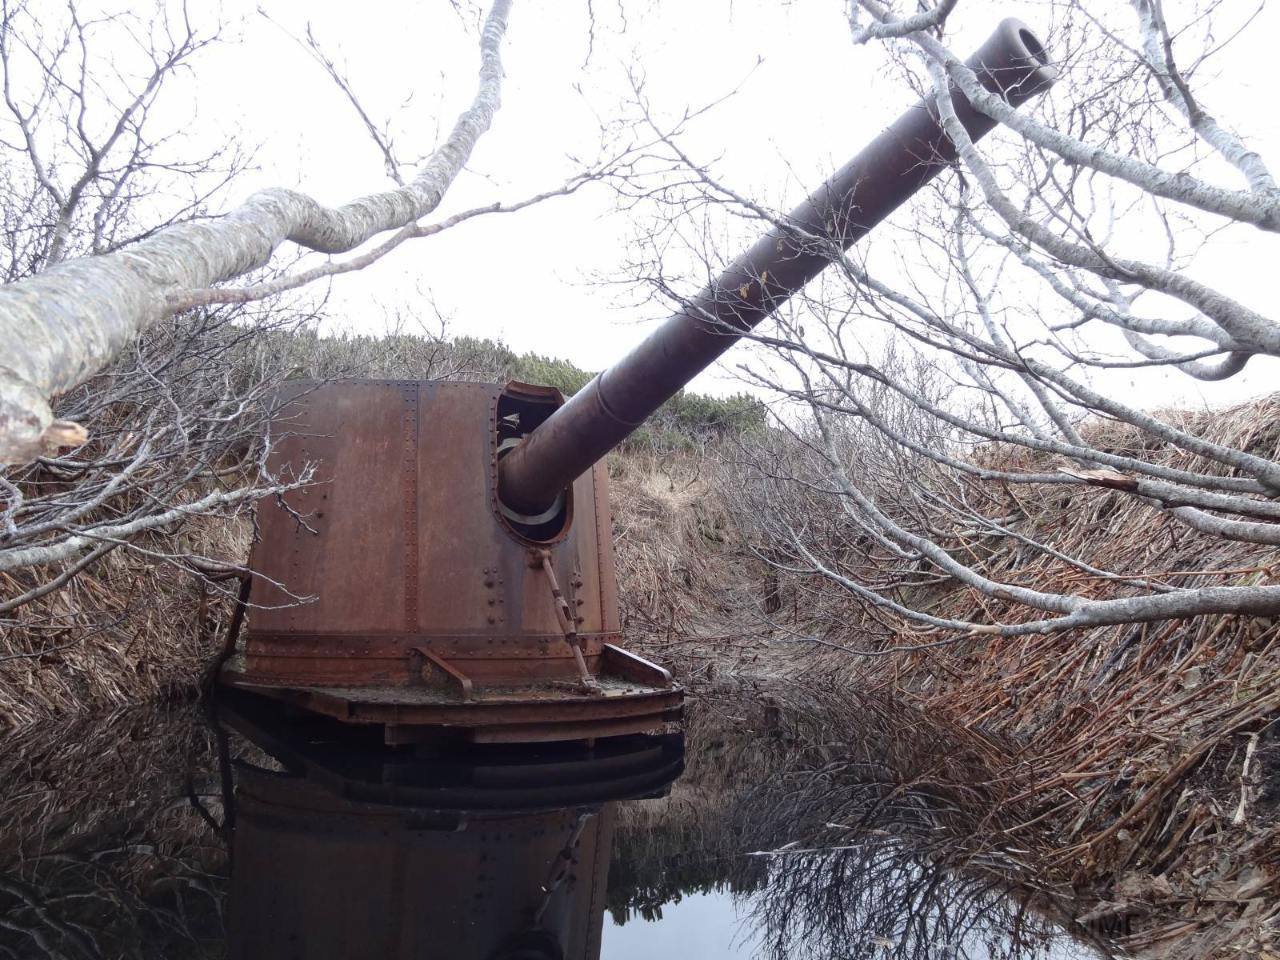 12390 - Корабельные пушки-монстры в музеях и во дворах...